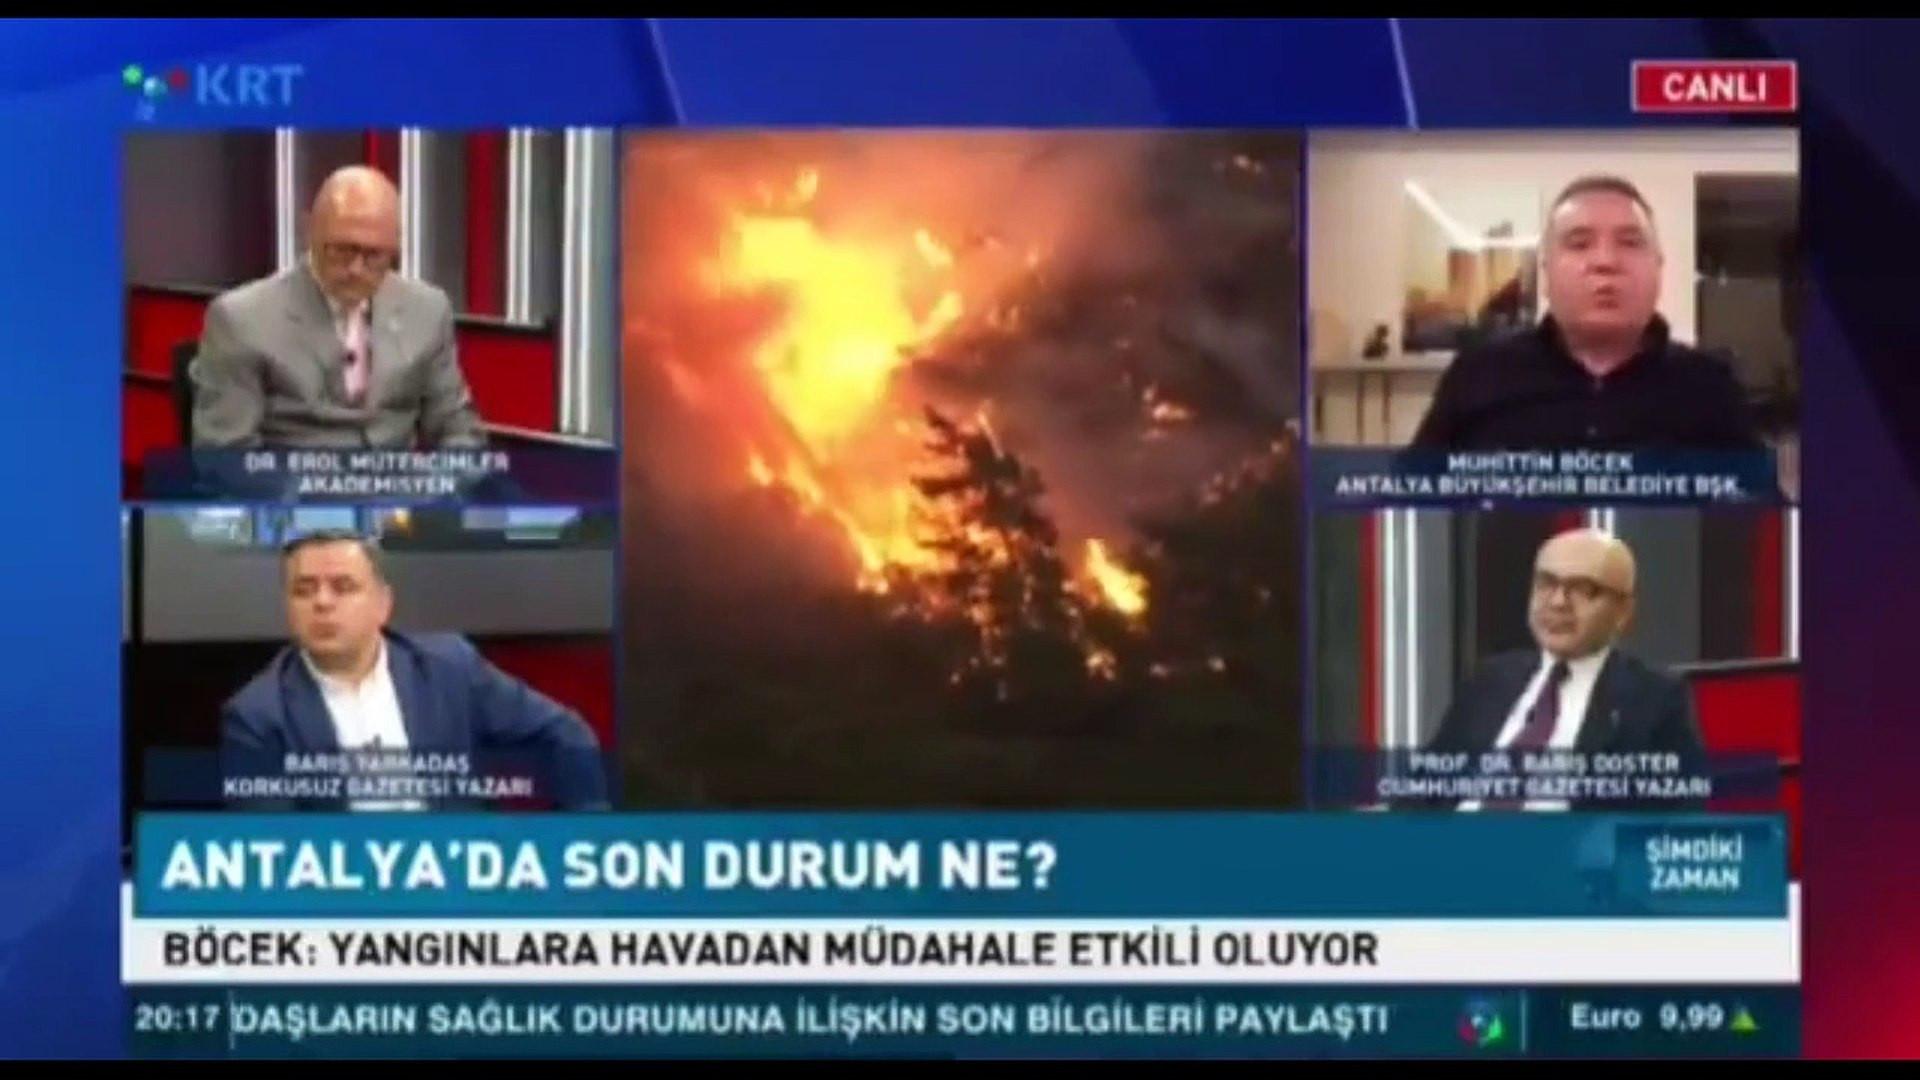 Canlı yayında olay olacak yangın söndürme helikopteri iddiası